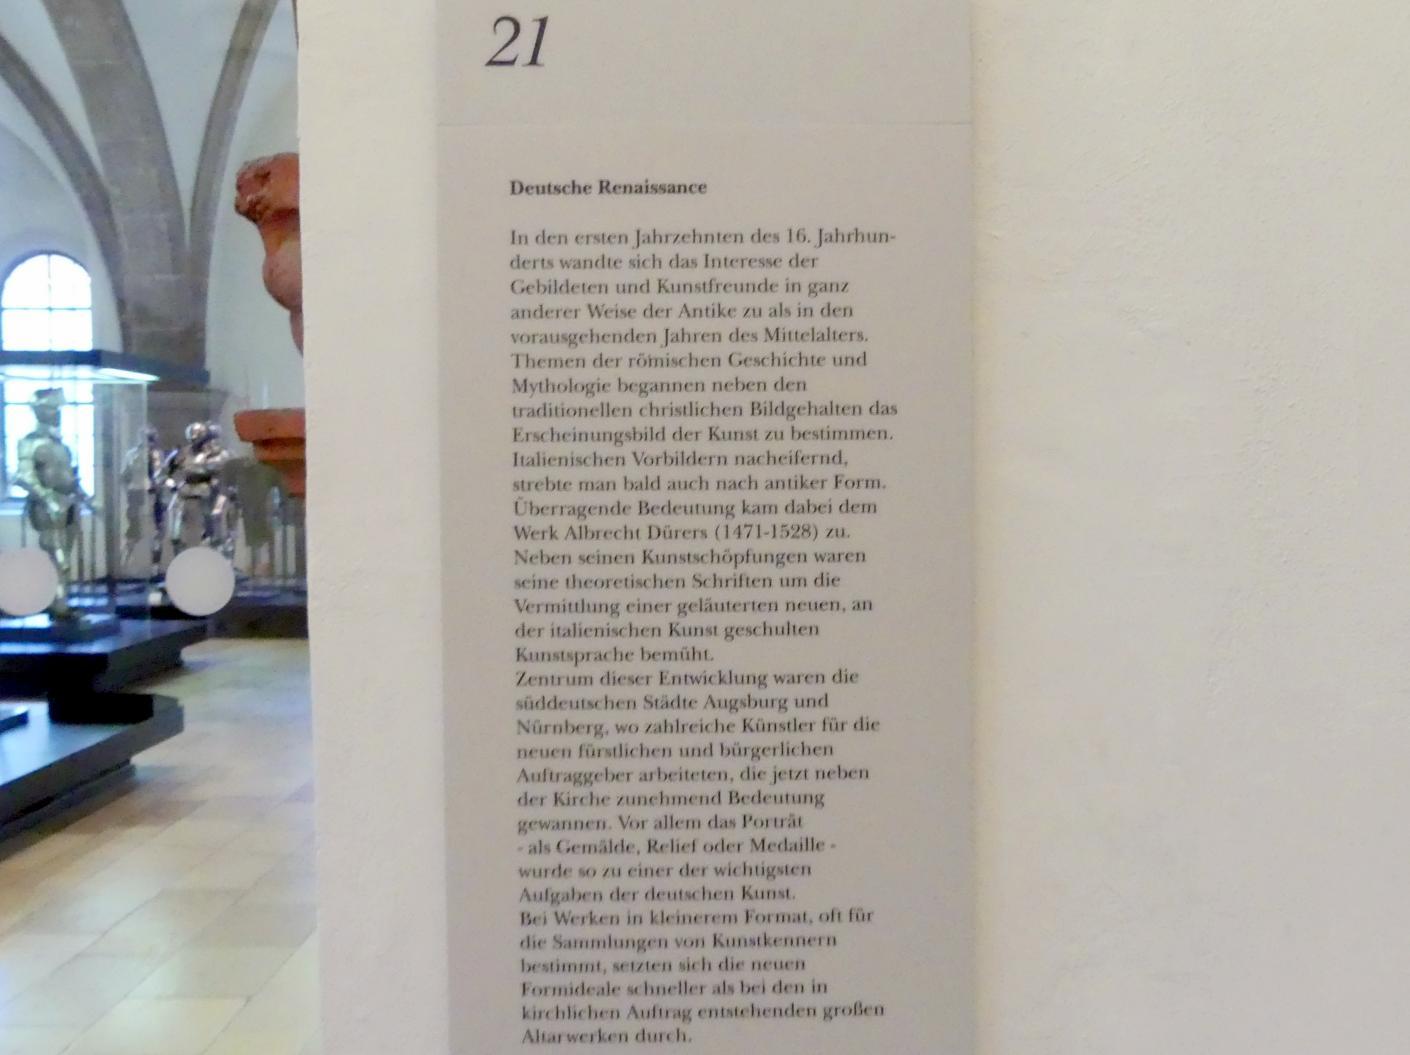 München, Bayerisches Nationalmuseum, Saal 21, Bild 4/4